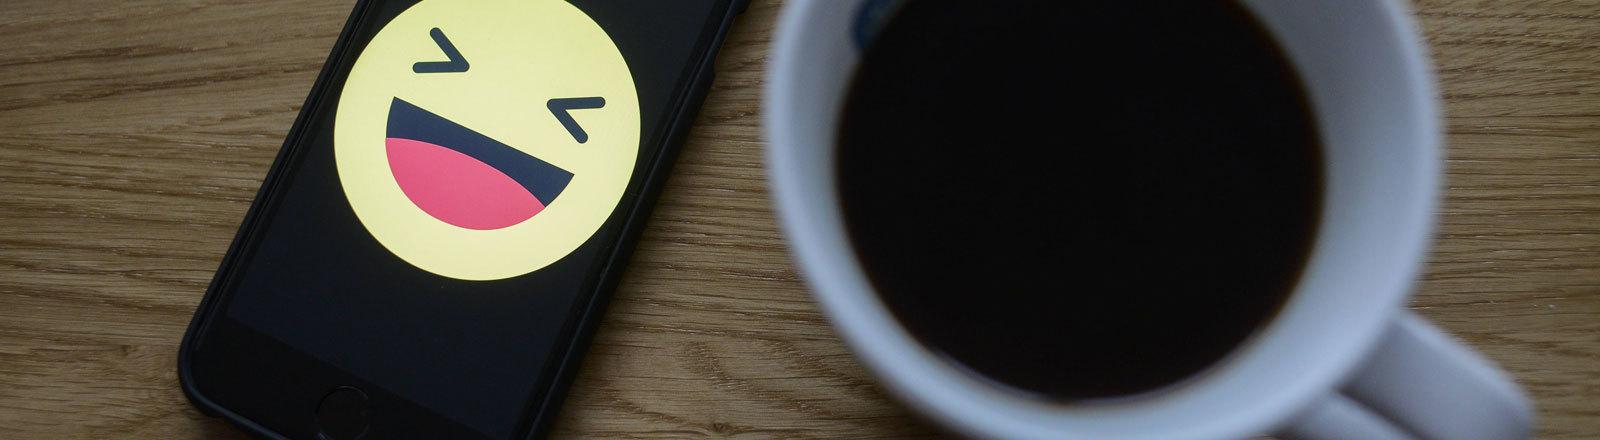 Lachen-Emoji auf Smartphonecover neben Kaffeetasse